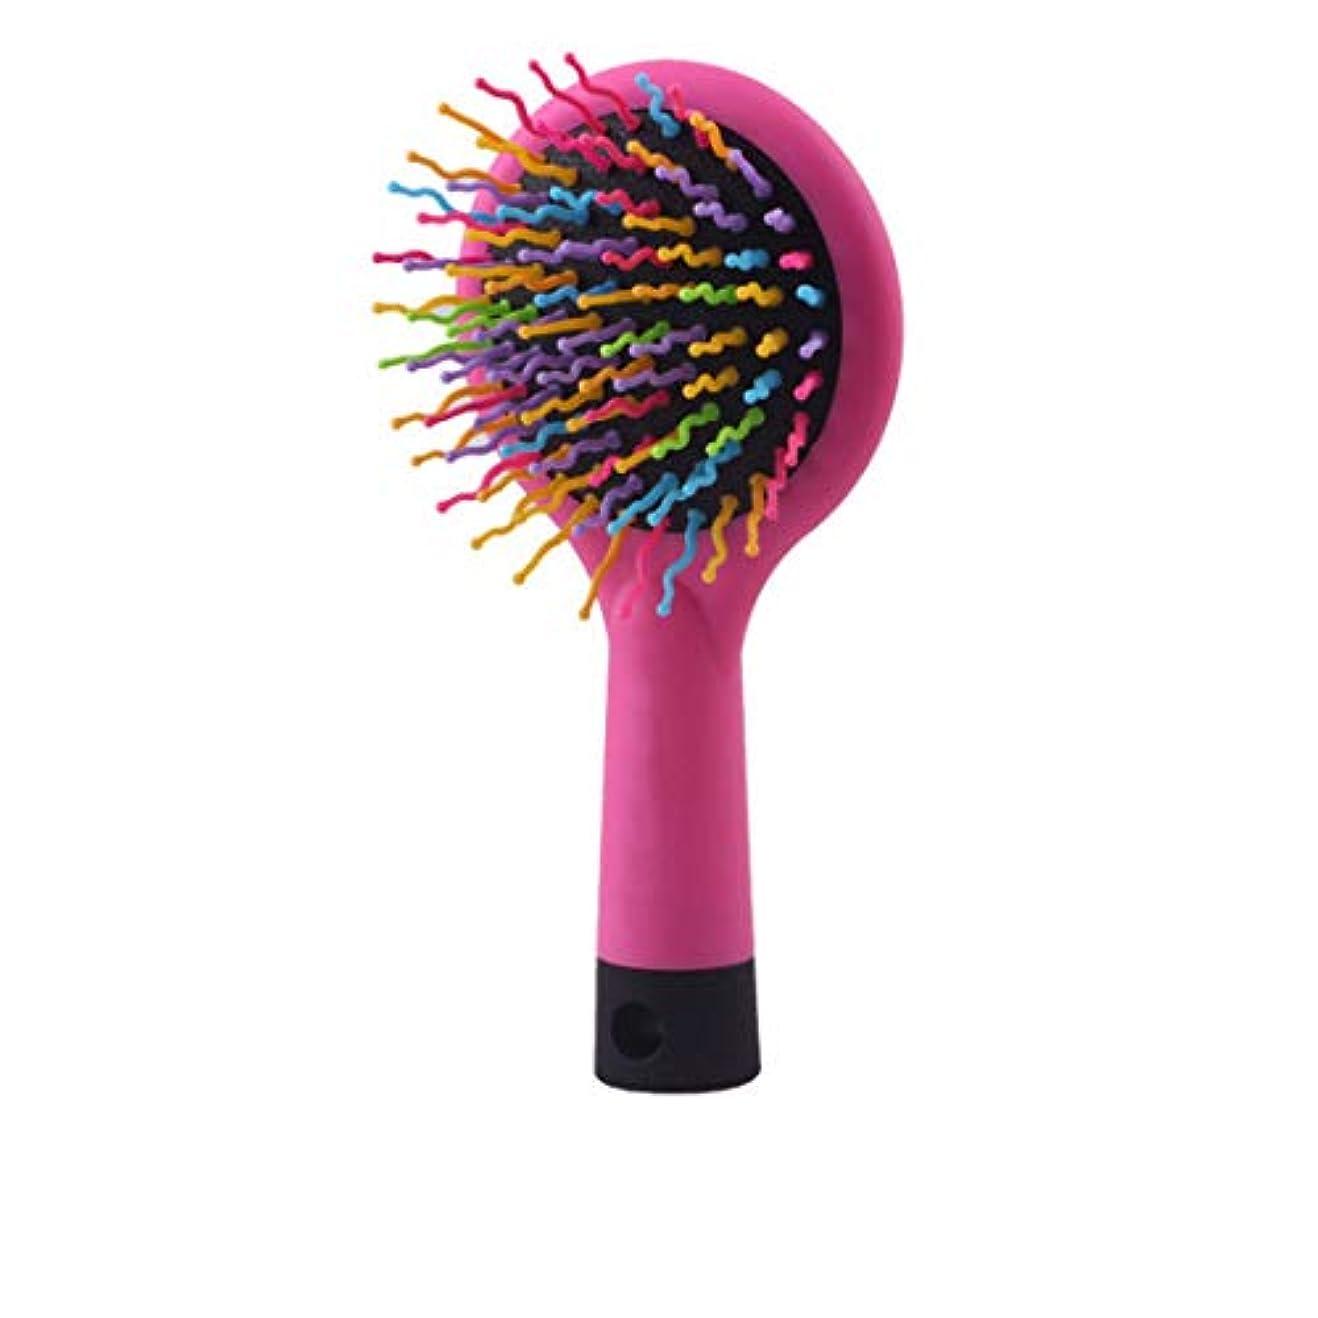 遵守する椅子パイプラインロング、シック、カーリー、ウェーブ、ドライまたはダメージのある髪、髪の折れ落ちを軽減し、しわが寄ります。 ヘアケア (色 : ピンク)